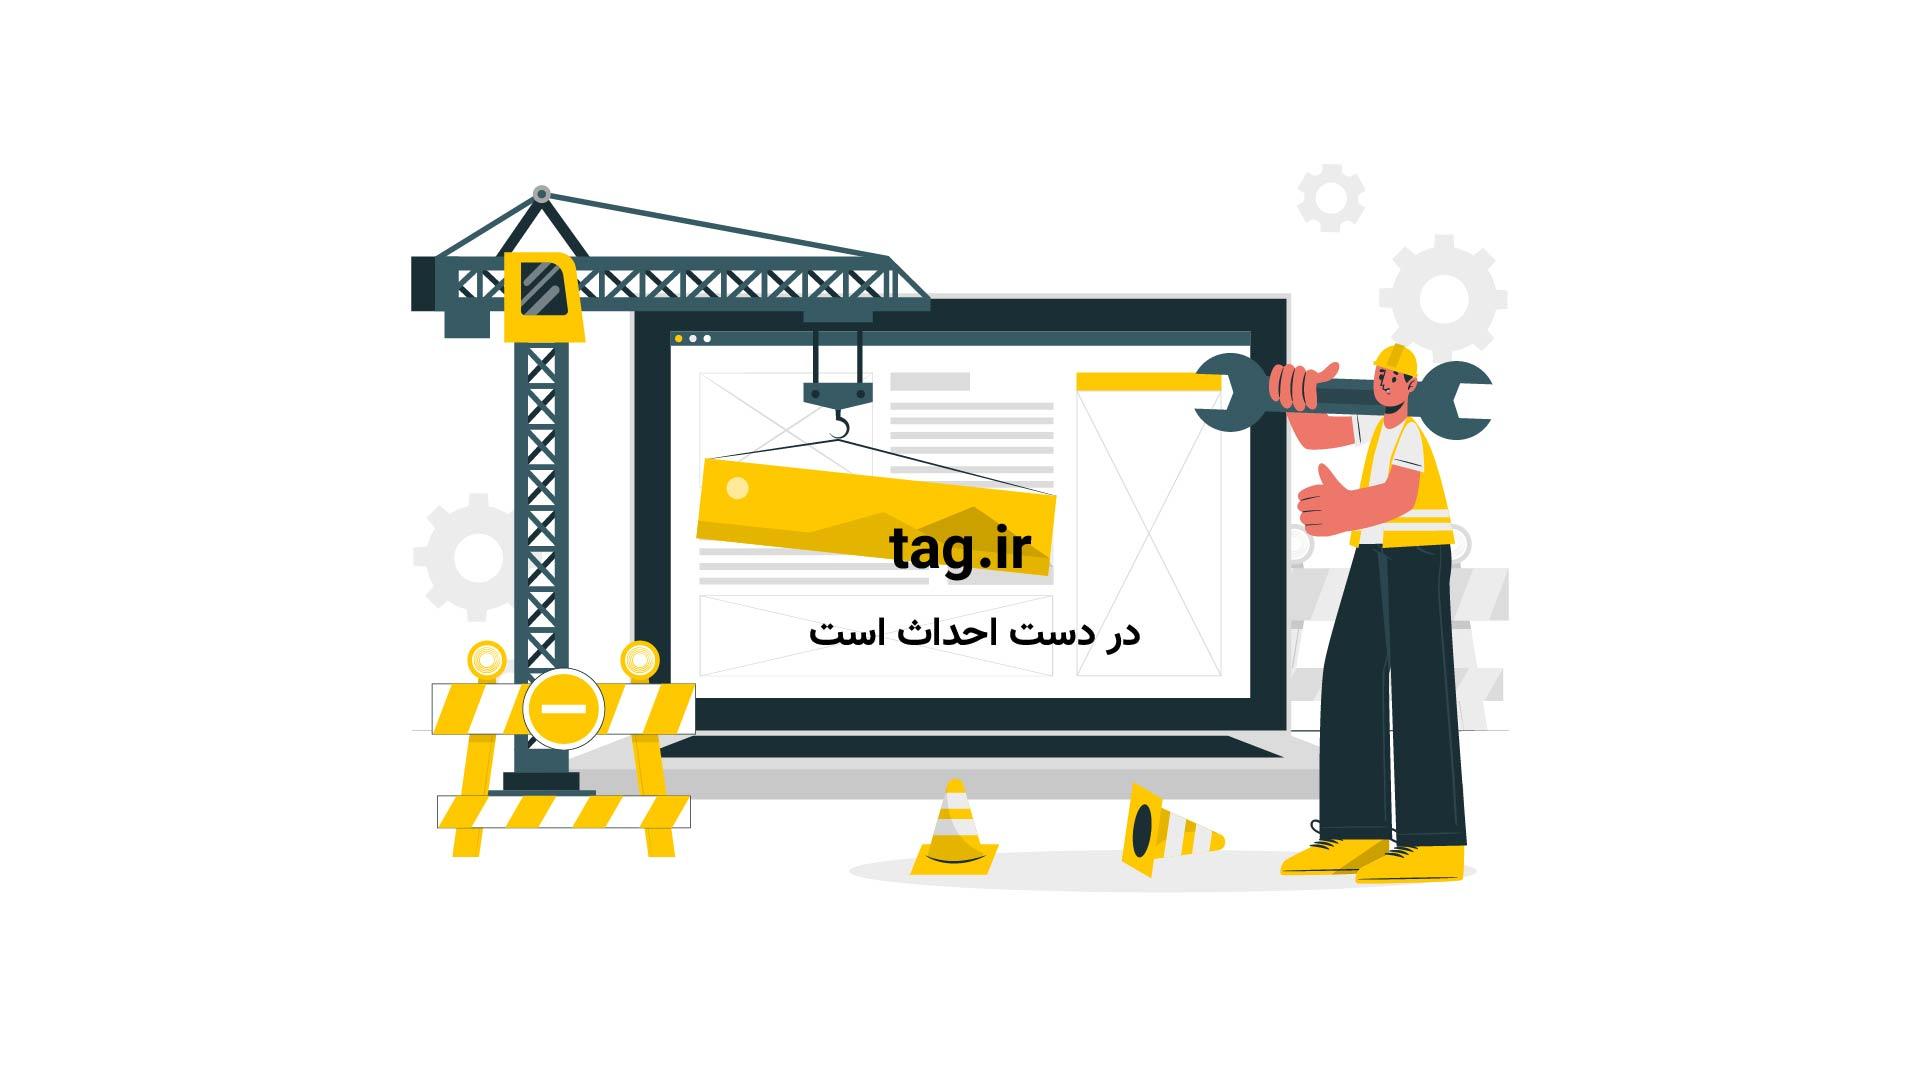 هواپیمای مسافربری | تگ